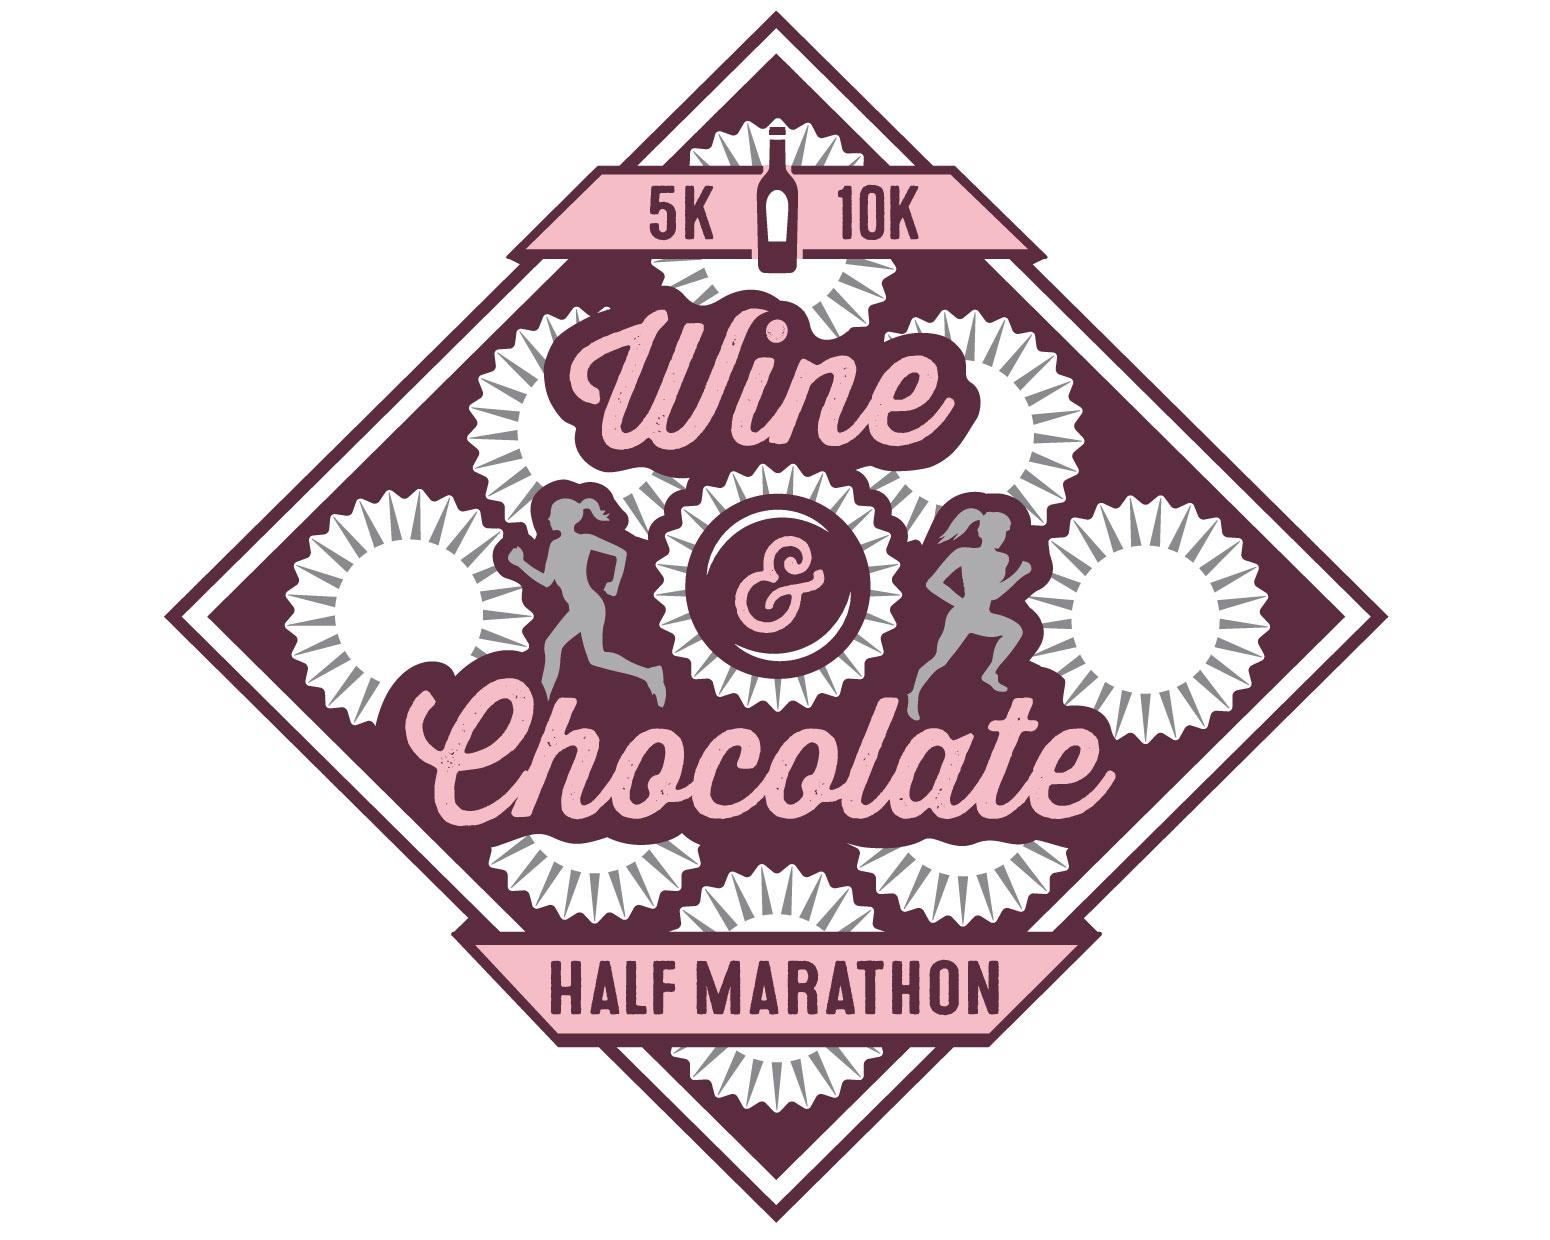 Wine & Chocolate Charity Half Marathon